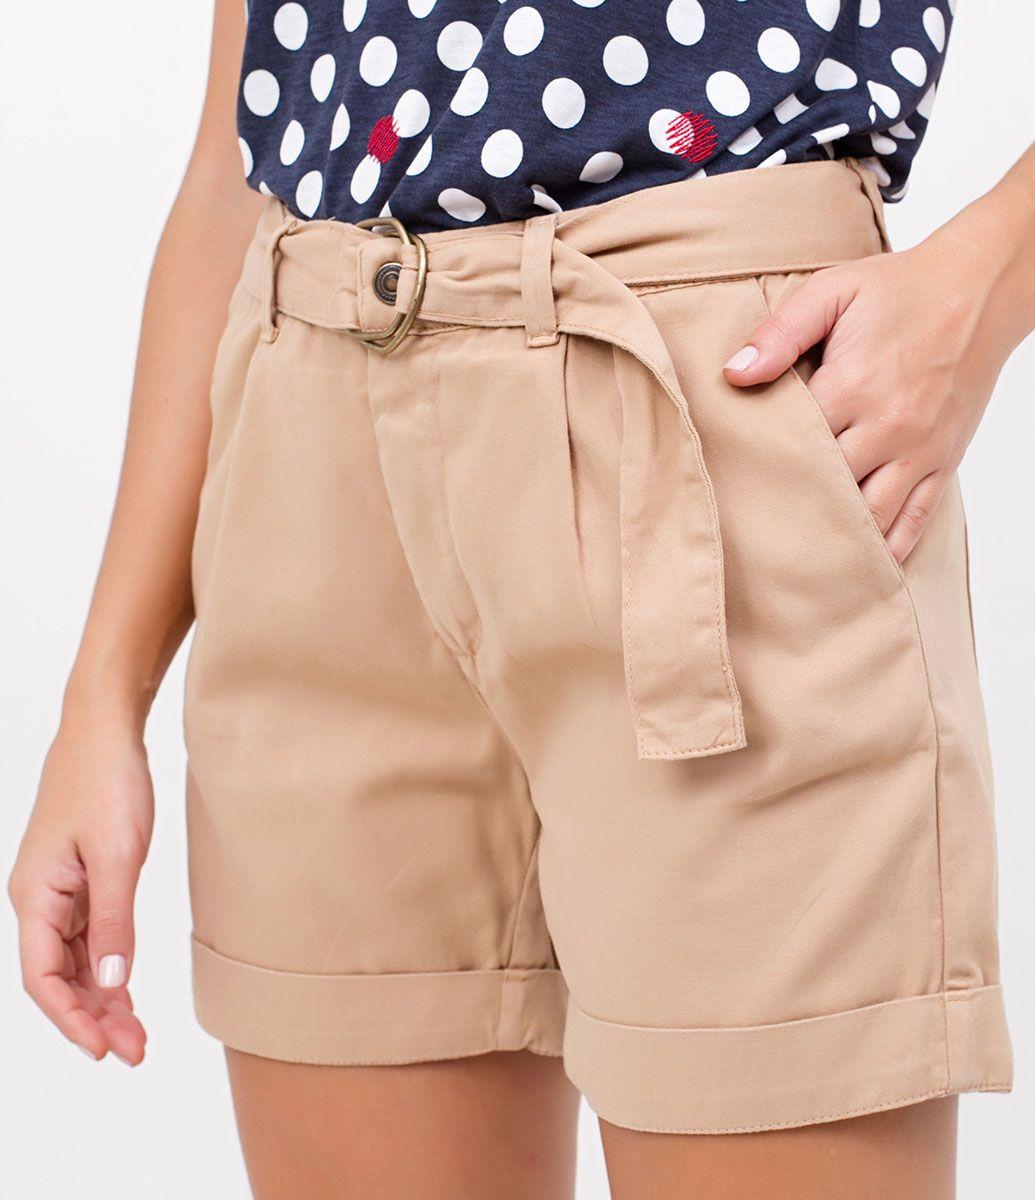 b9ad1dd2f Short feminino Modelo cintura alta Barra dobrada Marca  Marfinno Tecido   sarja Composição  100% algodão Modelo veste tamanho  36 Medidas da Modelo   Altura  ...